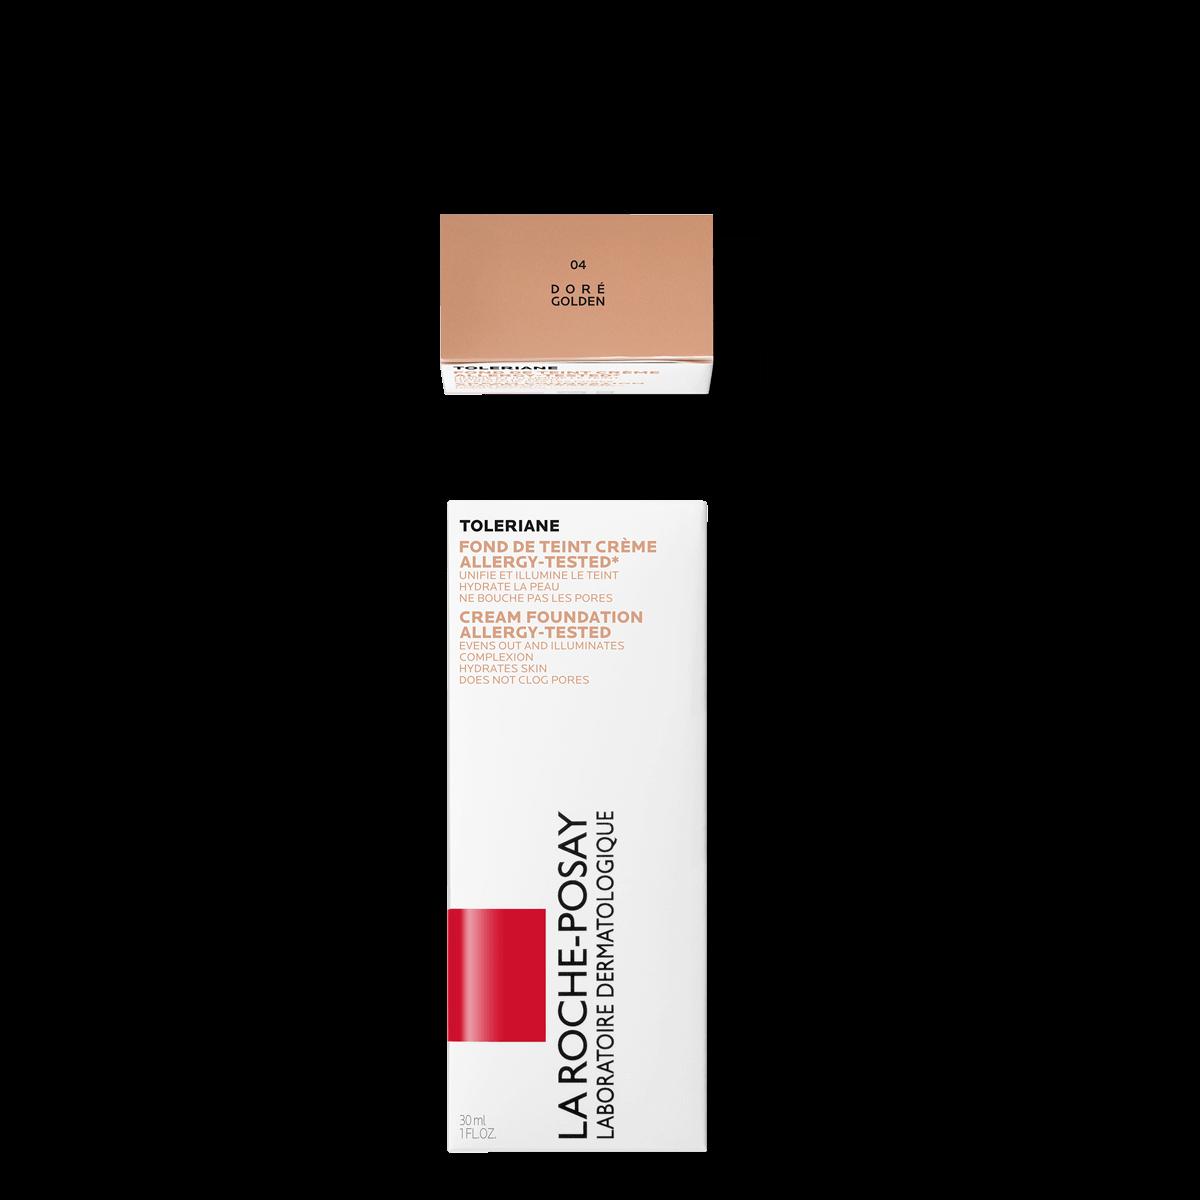 La Roche Posay Citlivá Toleriane Make-up KRÉMOVÝ MAKE-UP 04GOLDEN 3